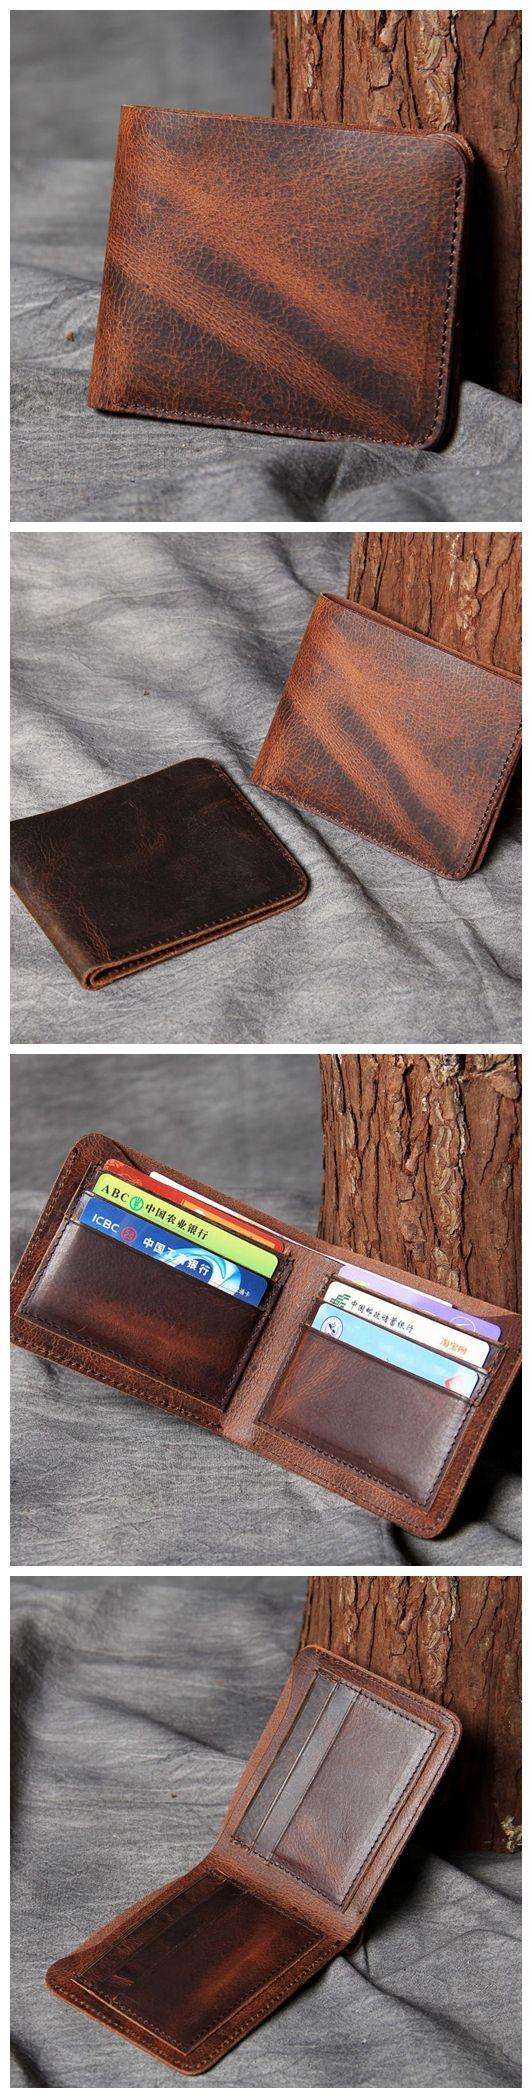 Mens Wallet, Leather Wallet, Classic Bifold Wallet, Personalized Wallet, Wedding Gift OAK-011